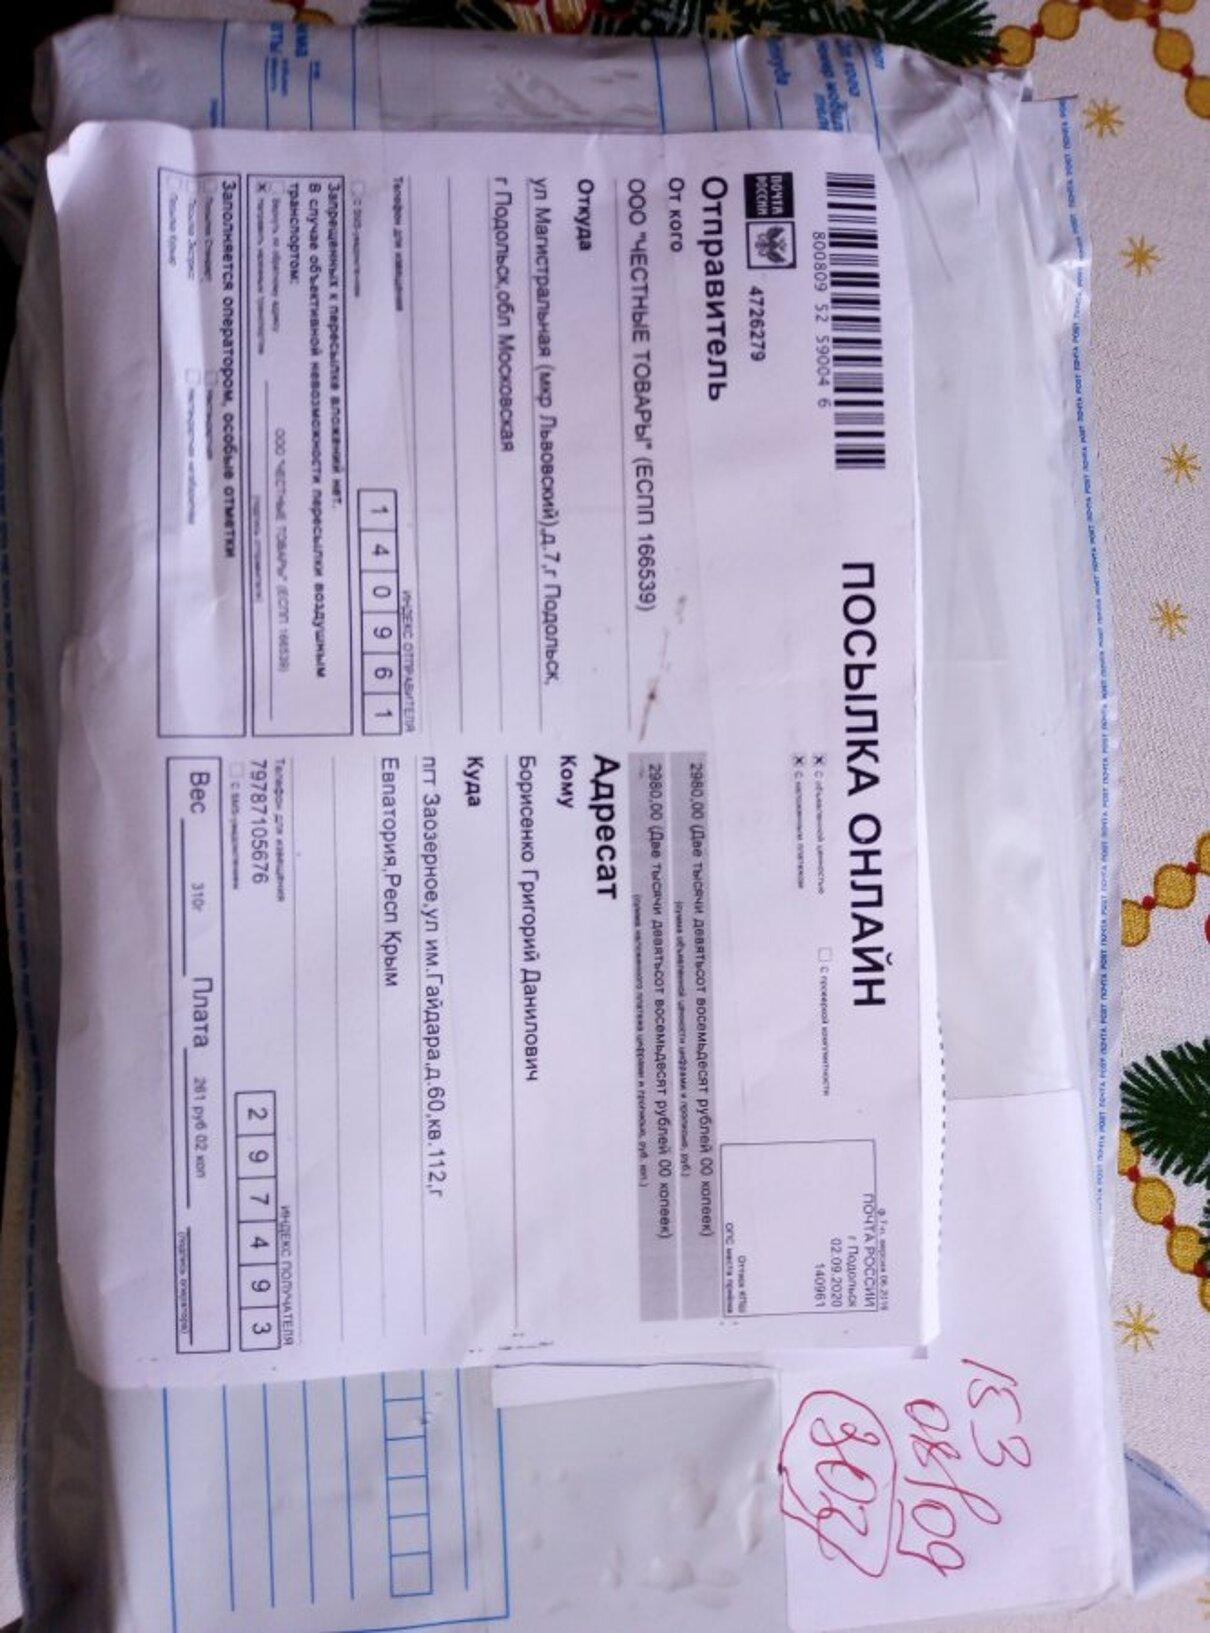 Жалоба-отзыв: Видеорегистратор Neoline X-COP 9100S - Не соответствует заказанному.  Фото №1